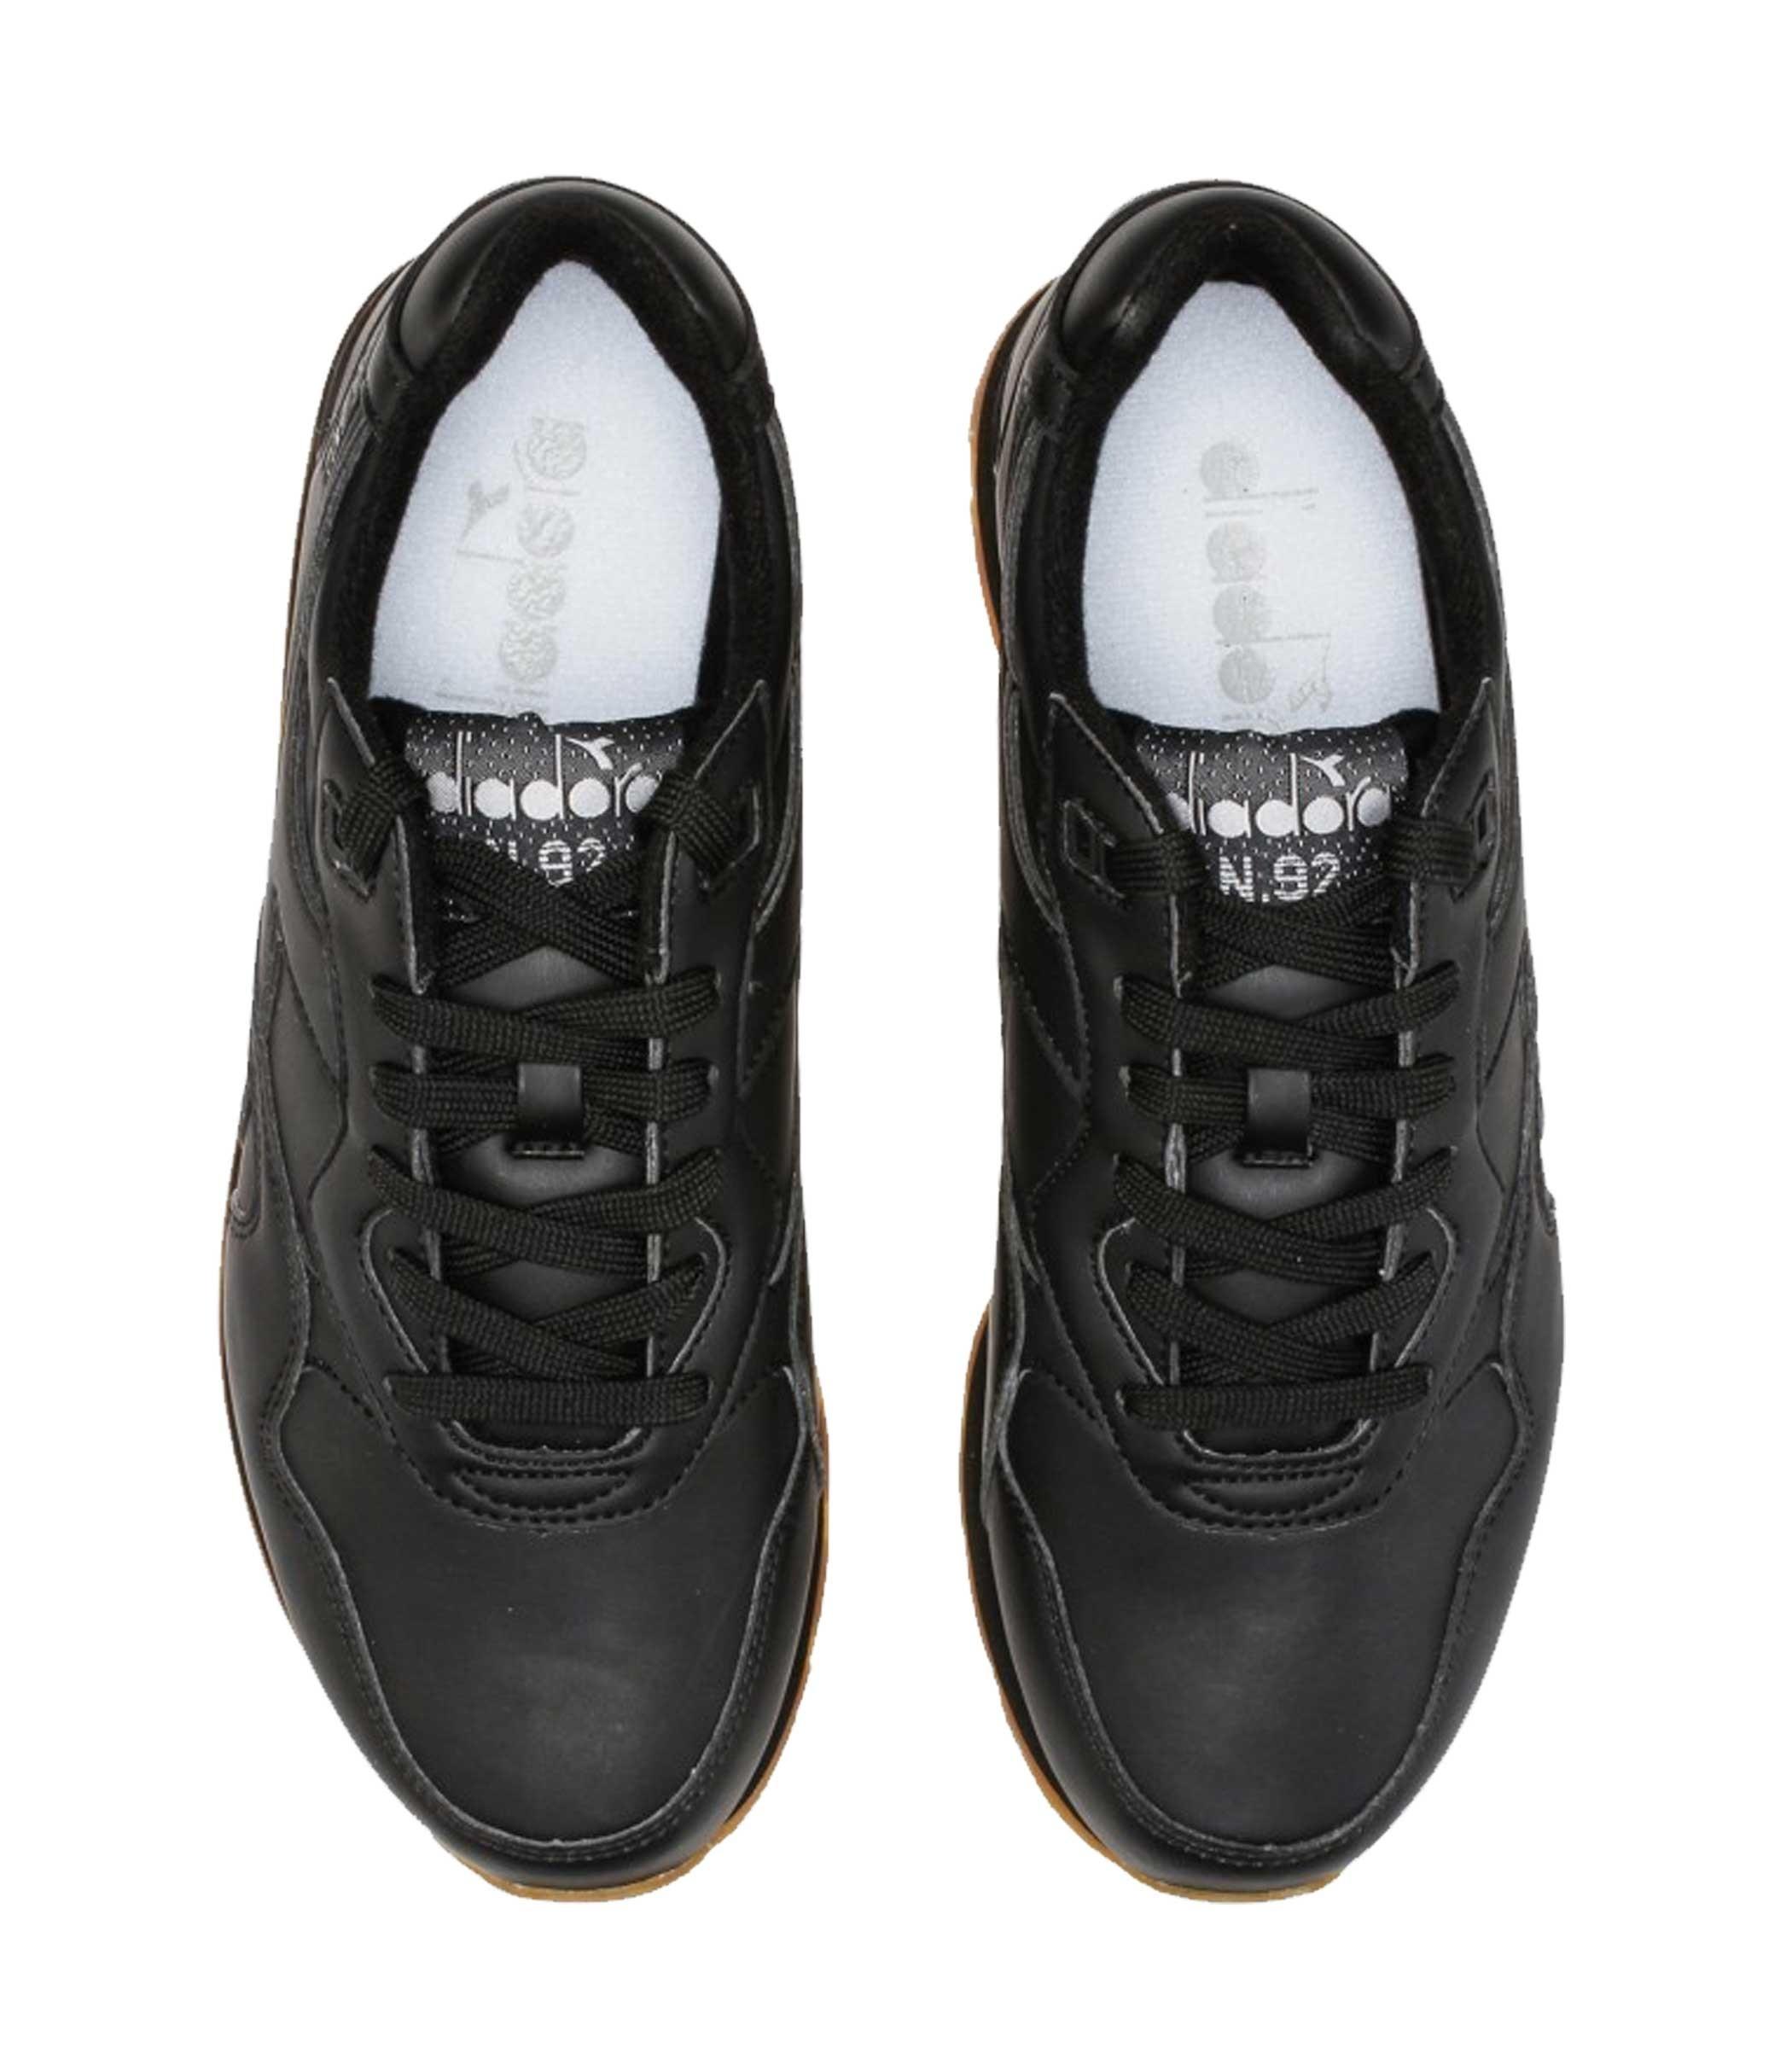 Scarpe Sneakers Diadora N.92 L da uomo rif. 101.173744 3dff7dcdd56